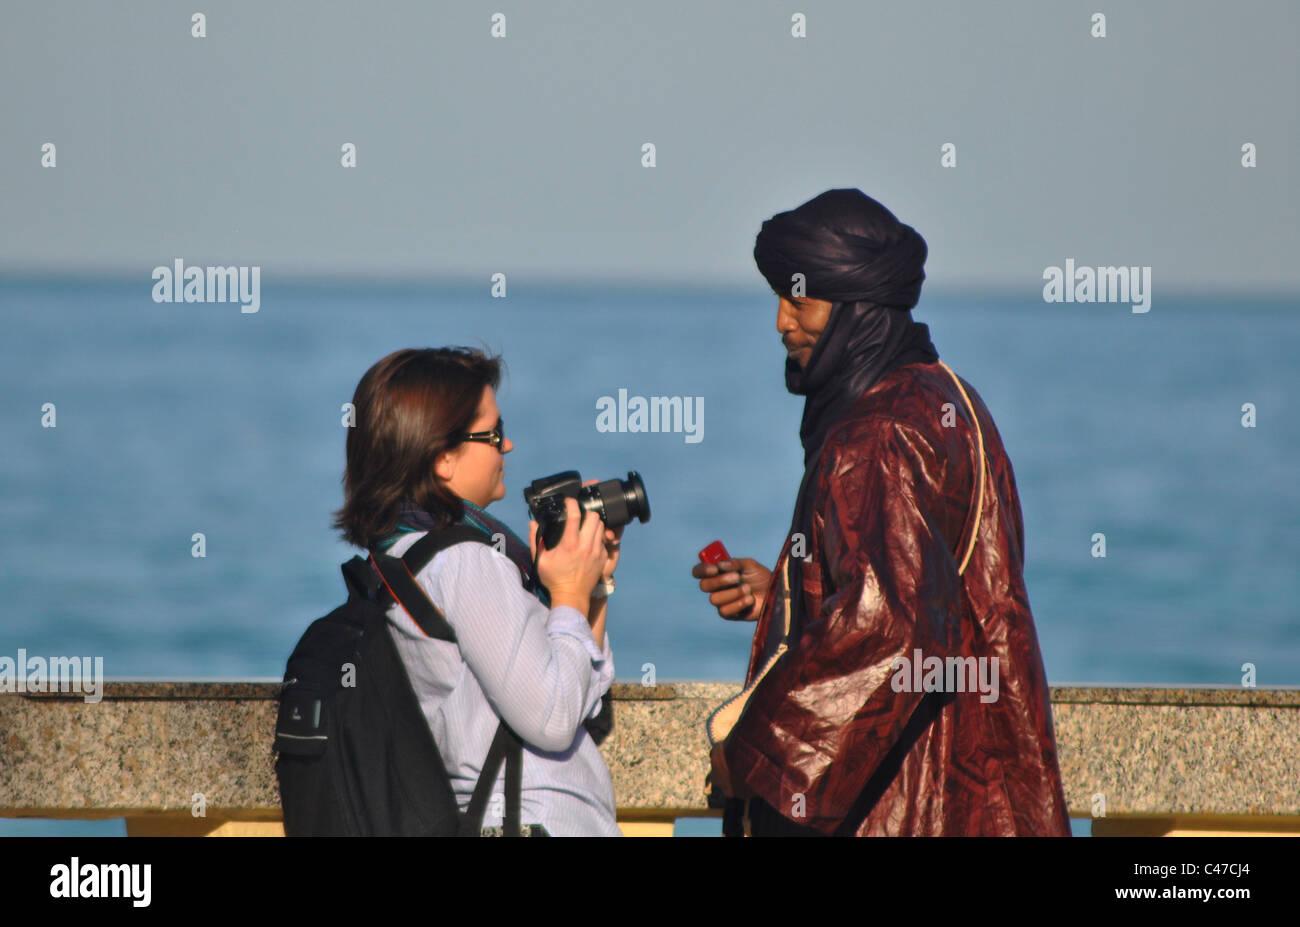 Frau, die ein Foto von ein tunesischer Mann in Sousse, Tunesien Stockbild